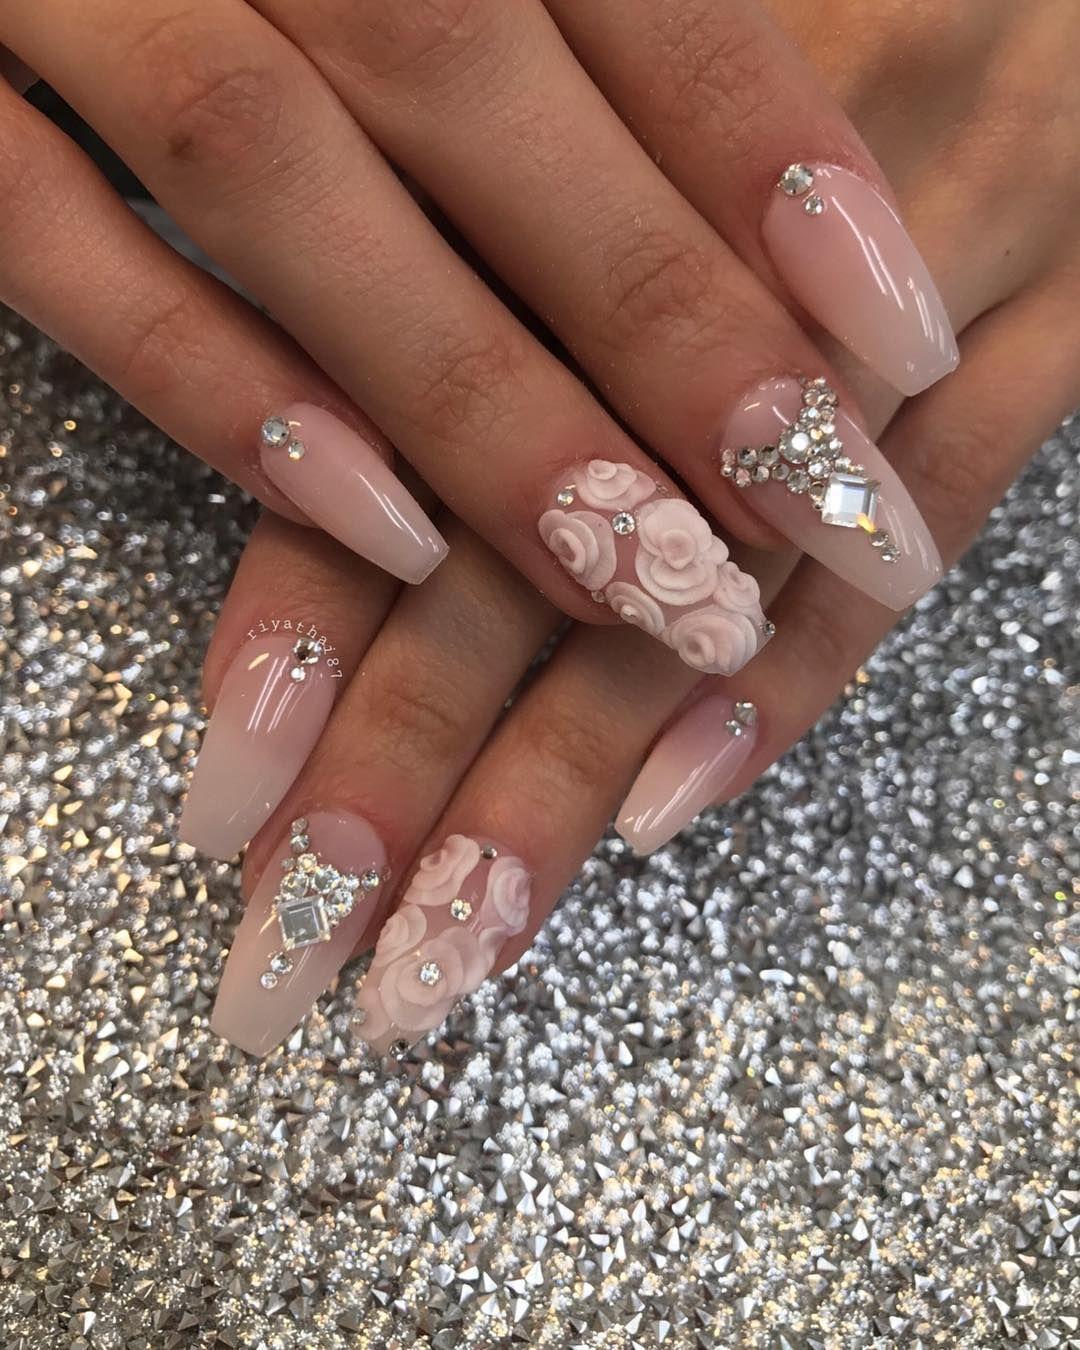 Nails #NailArt via - Riya\'s Nails Salon (@riyathai87) on Instagram ...